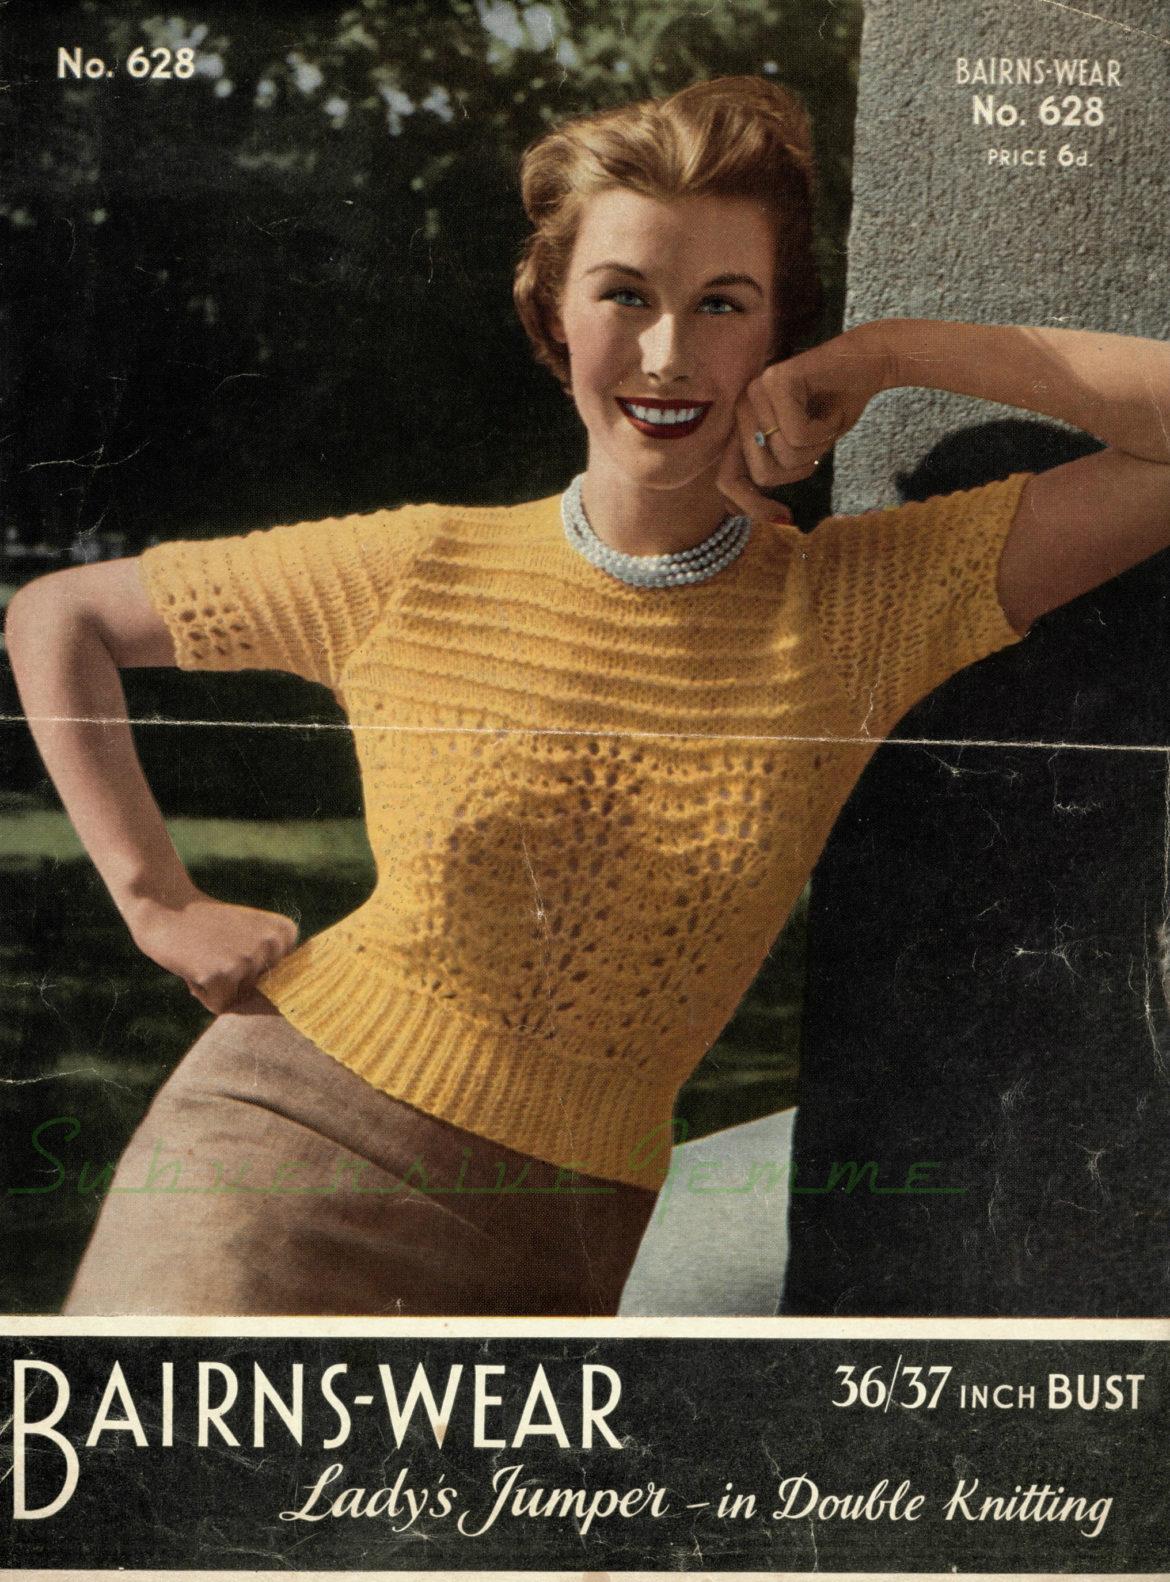 bairnswear bairns-wear 628 free vintage knitting patterns 1940s 1950s sweater